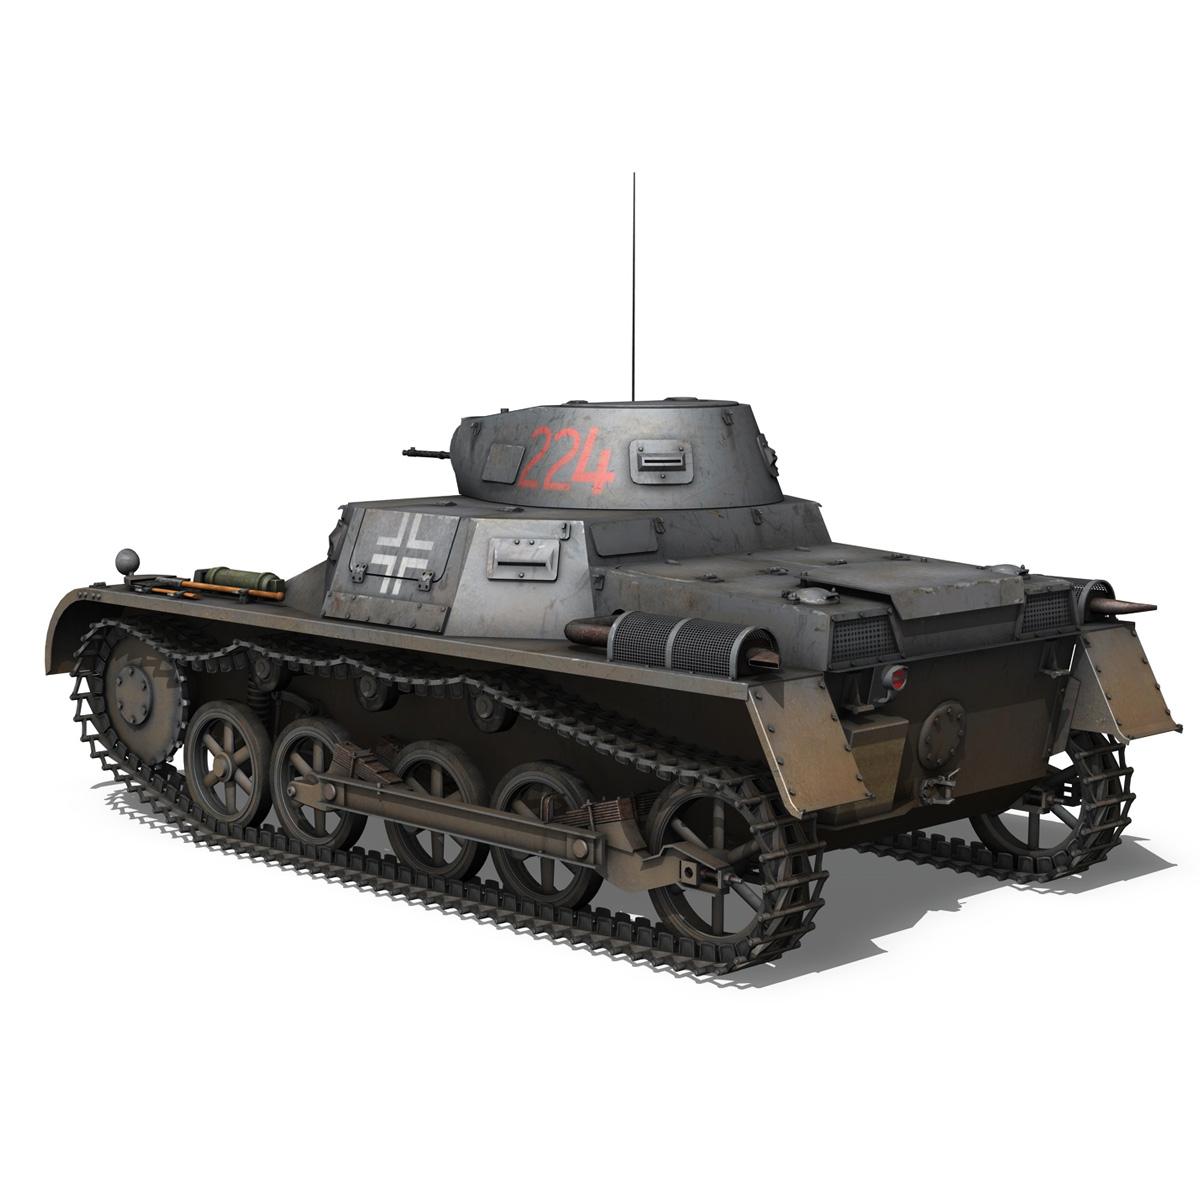 pzkpfw 1 - panzer 1 - ausf. a - Model 224 3d 3ds fbx c4d lwo obj 195075